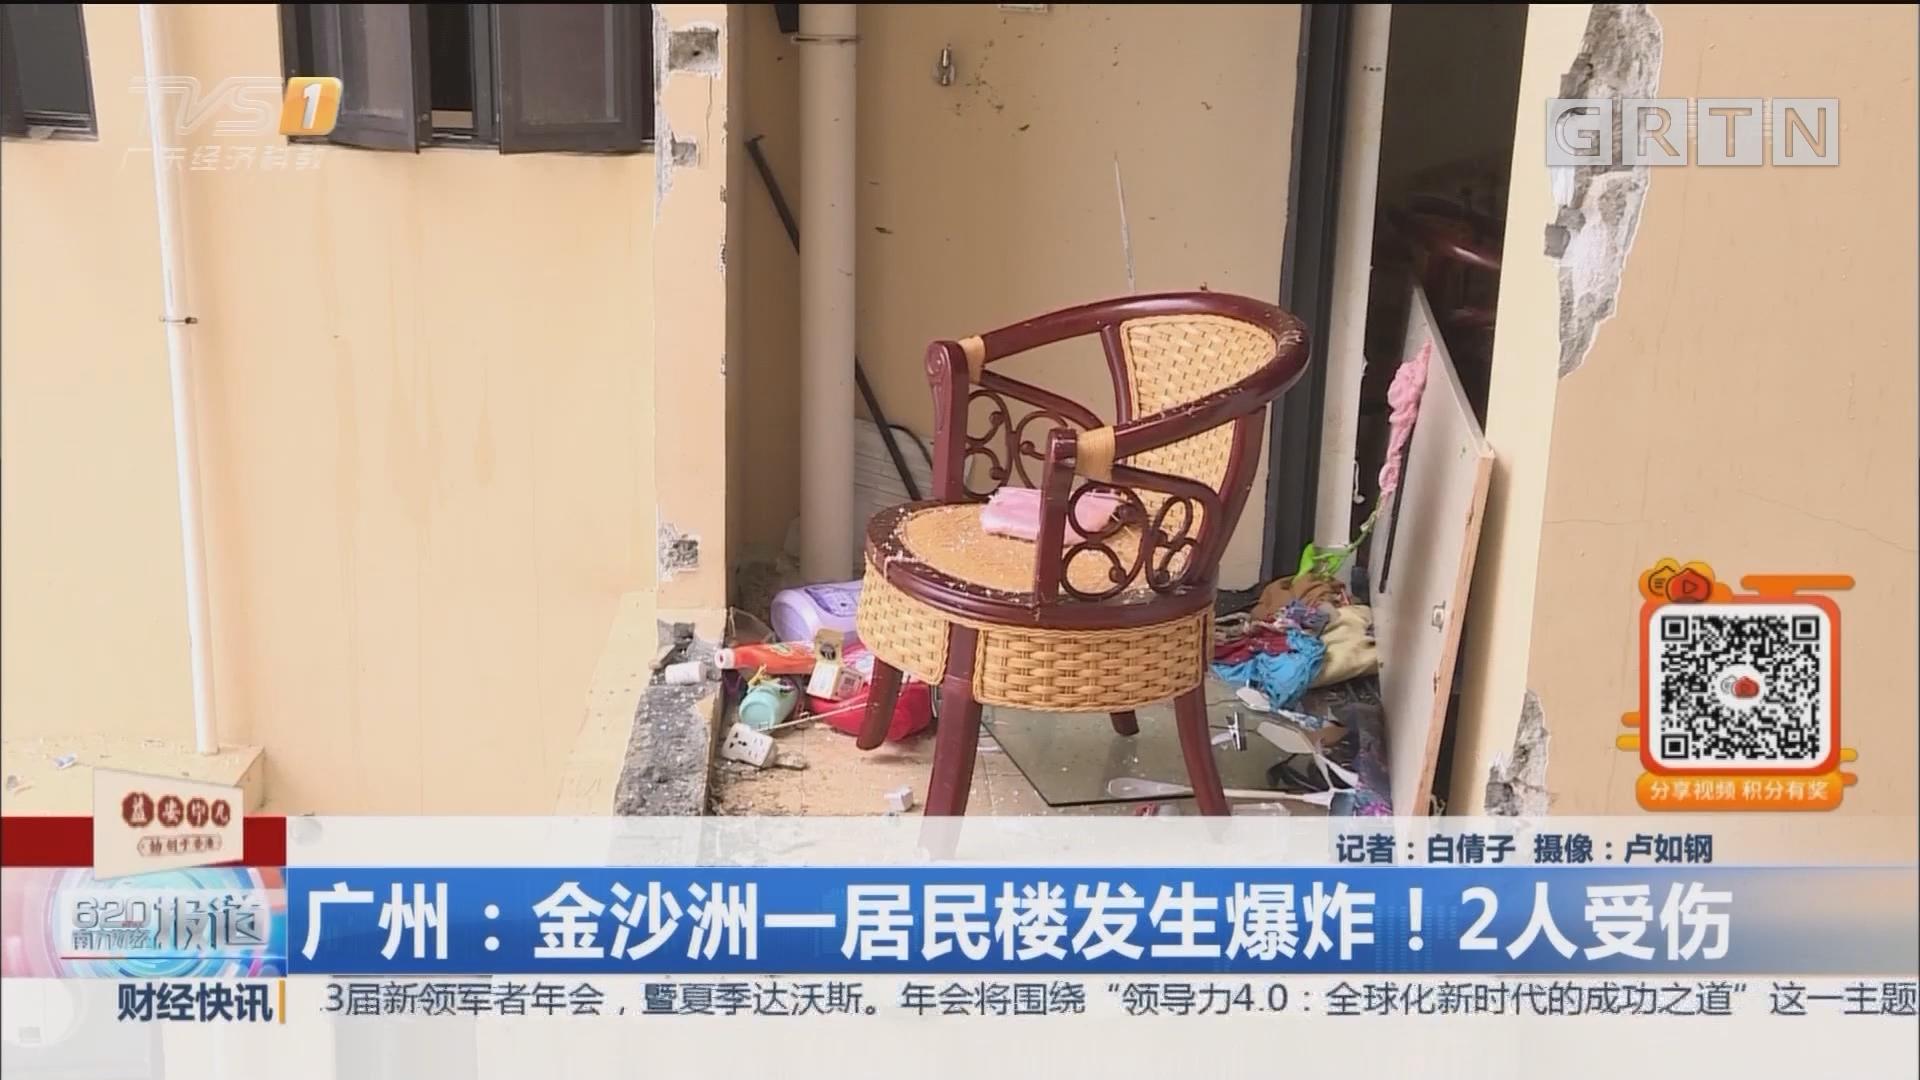 广州:金沙洲一居民楼发生爆炸!2人受伤